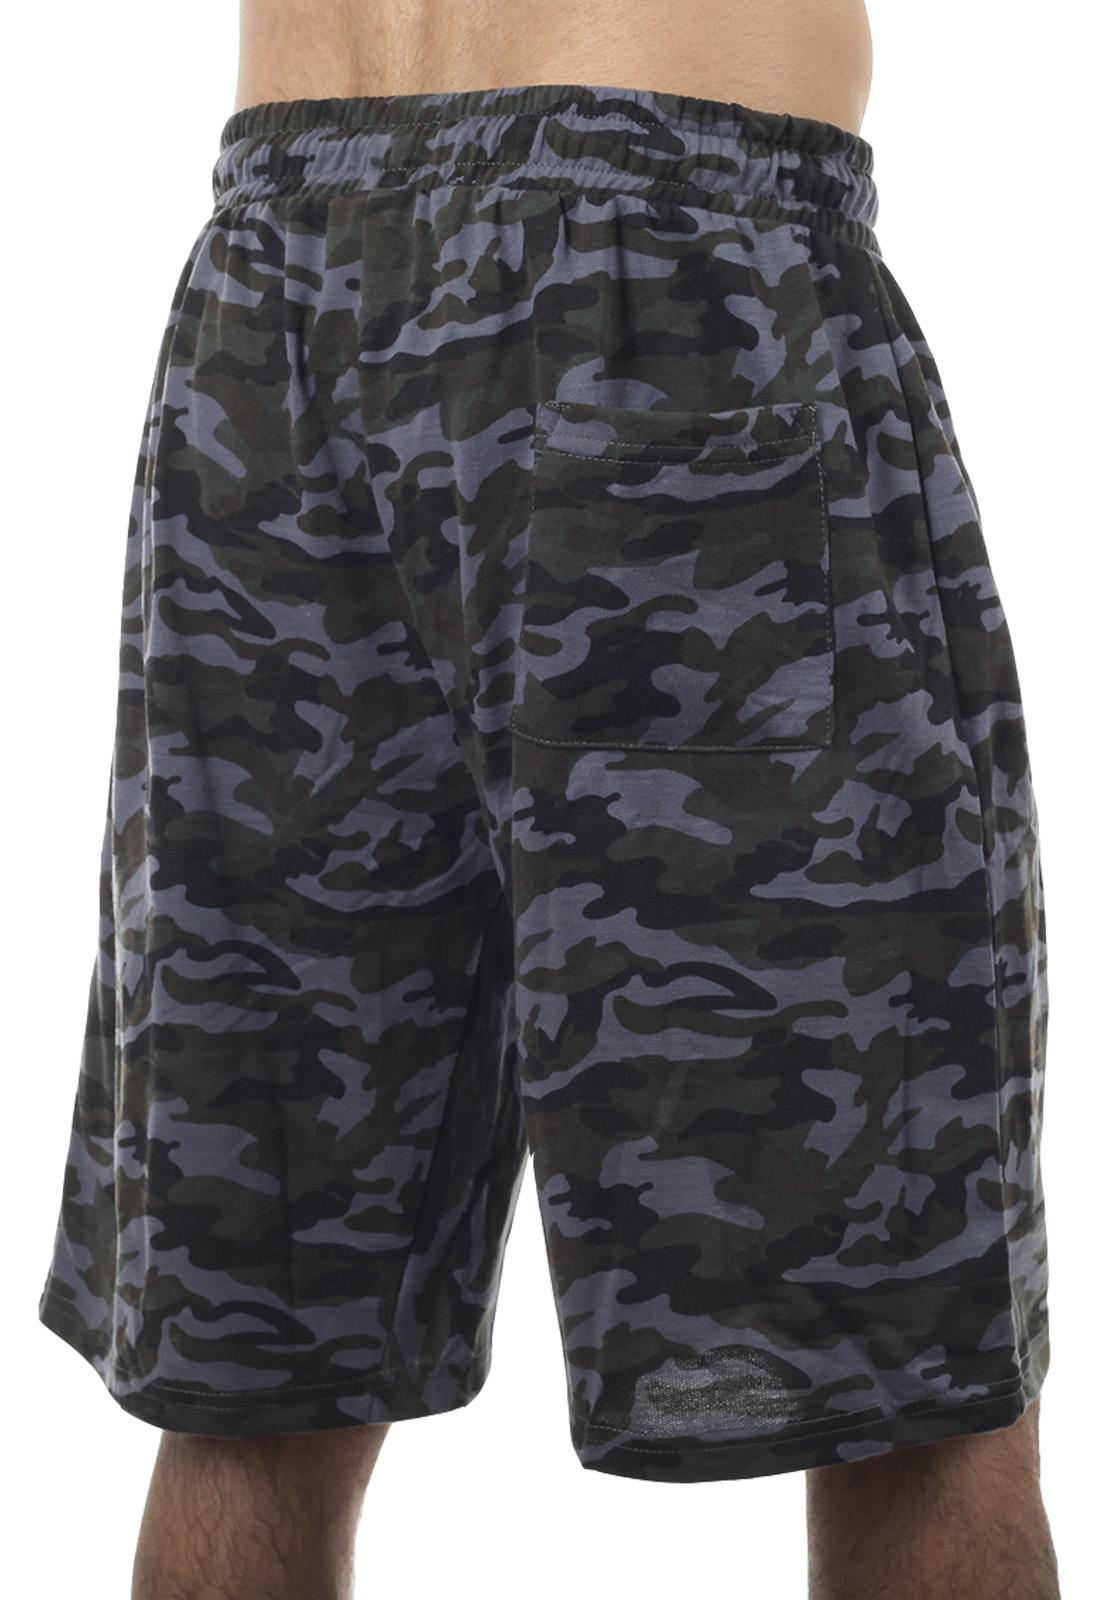 Купить в интернет магазине повседневные мужские шорты с вышивкой Спецназ